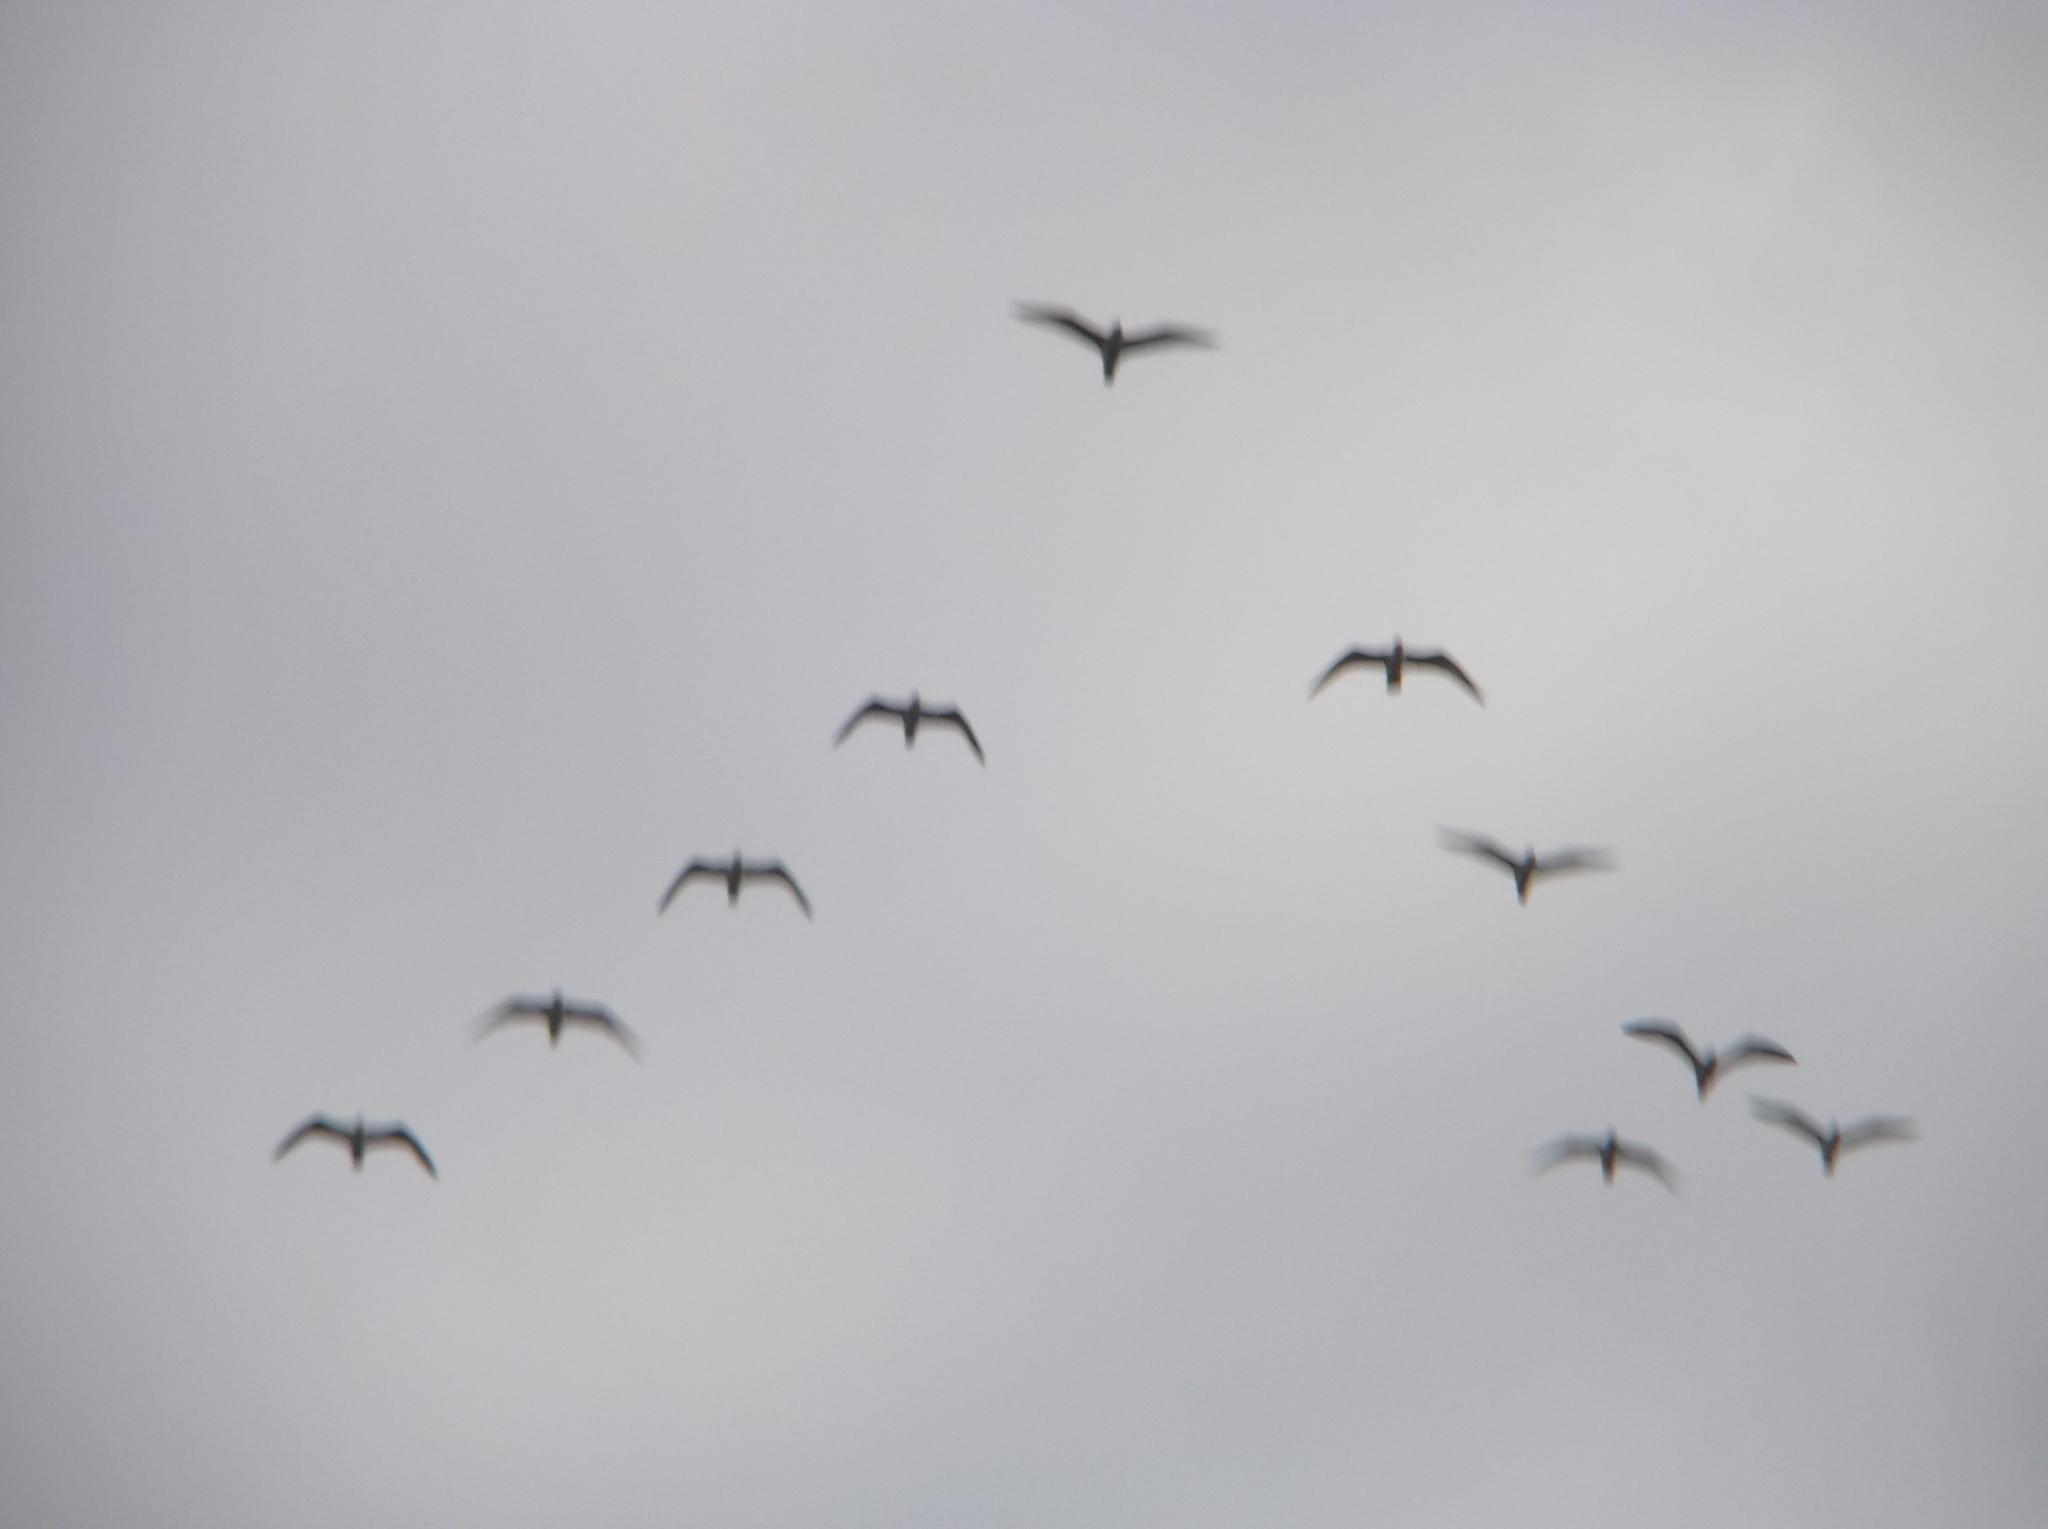 They fly. by Zita Užkuraitienė